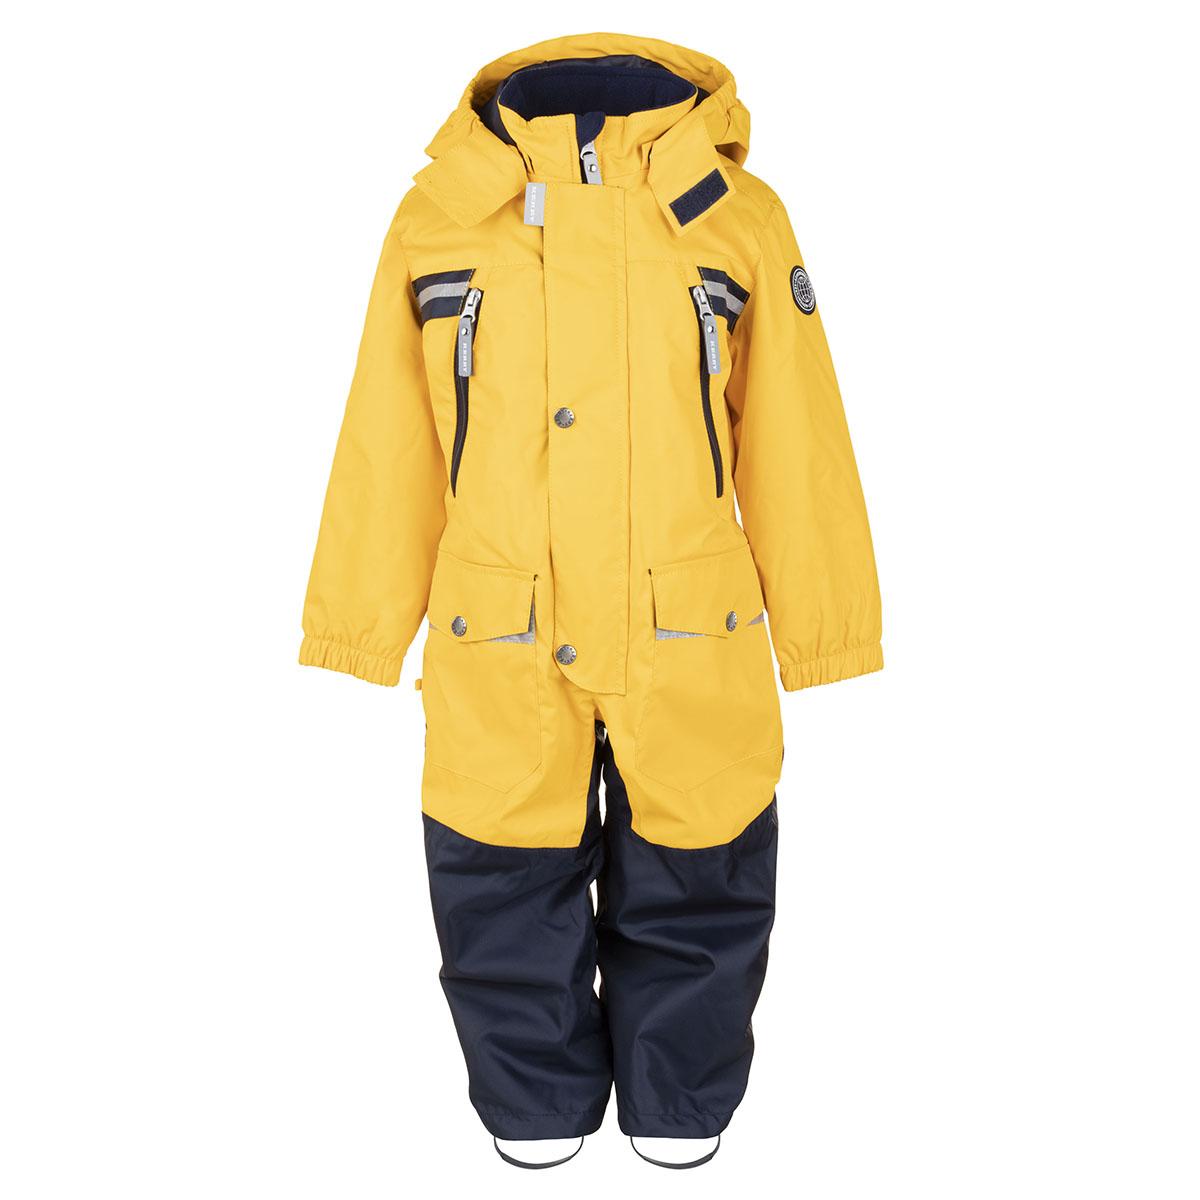 Купить Комбинезон для мальчиков SAILOR9 Kerry, Размер 98, Цвет 109-желтый K21016-109_98,